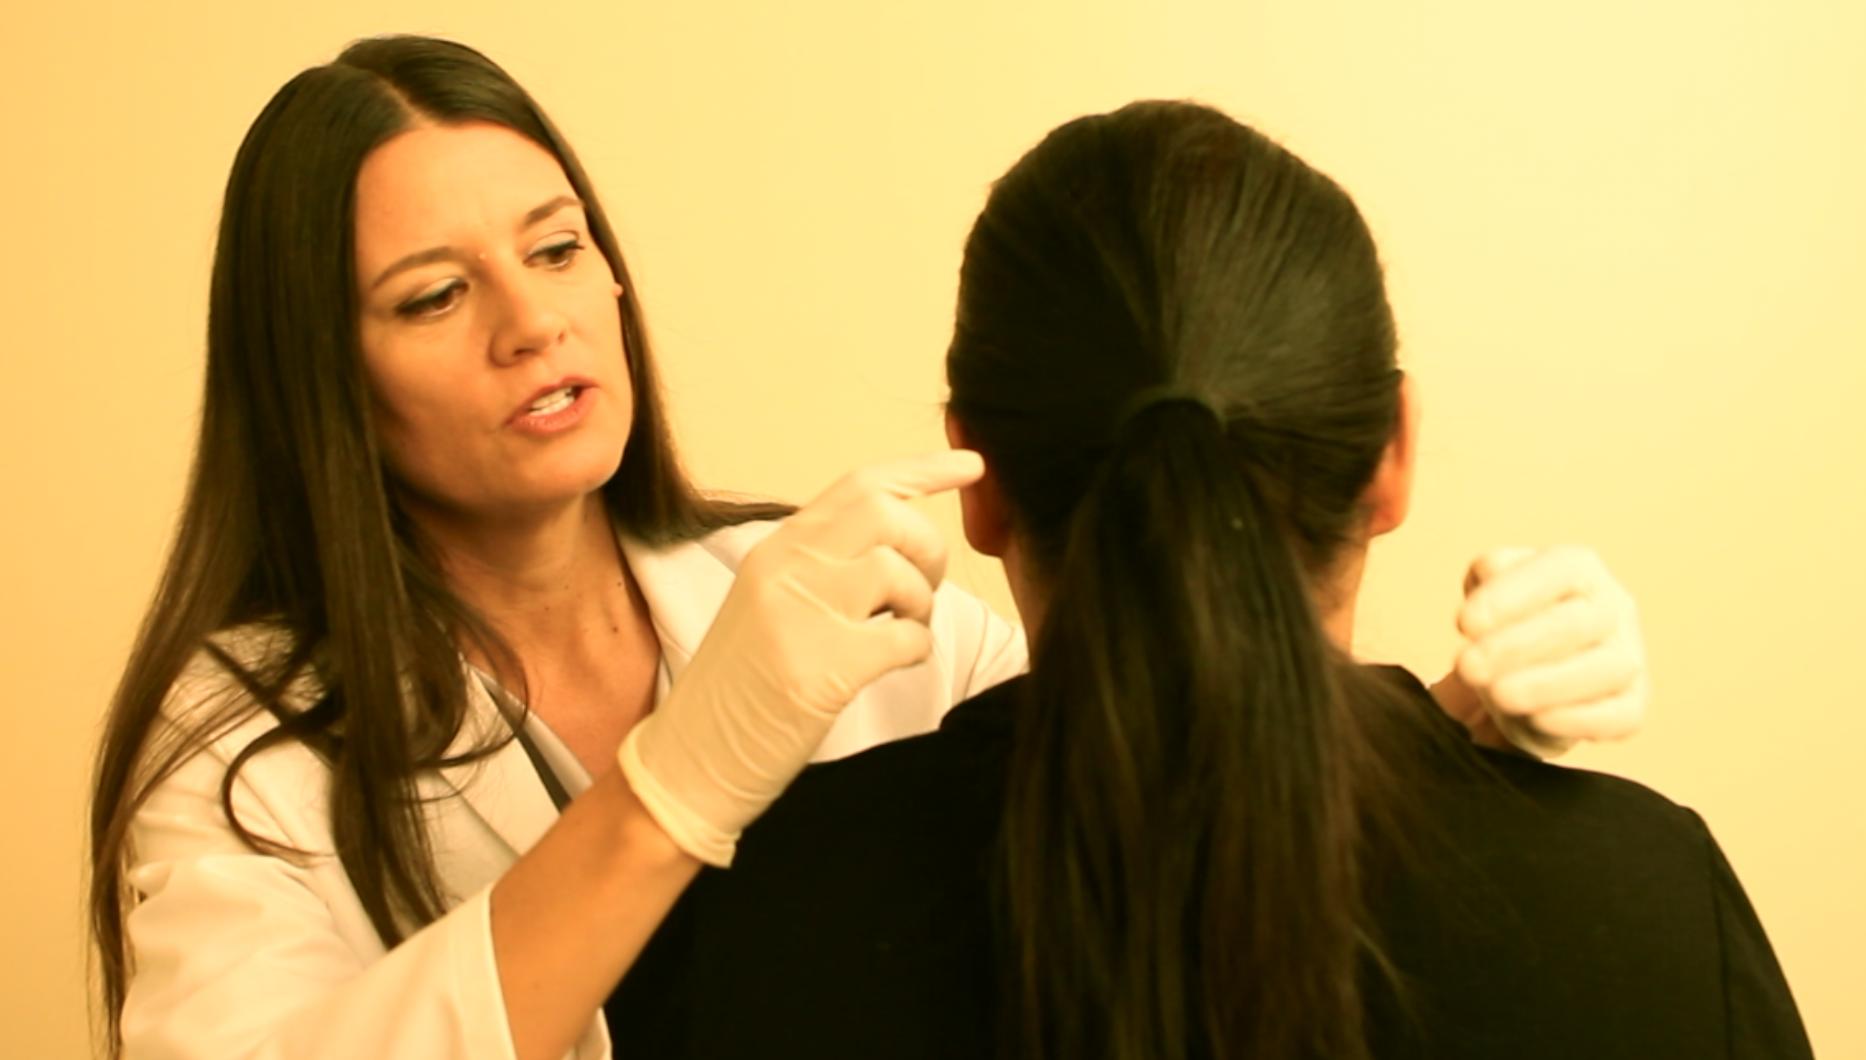 Copy of Ambu Medical Product/Procedure Videos